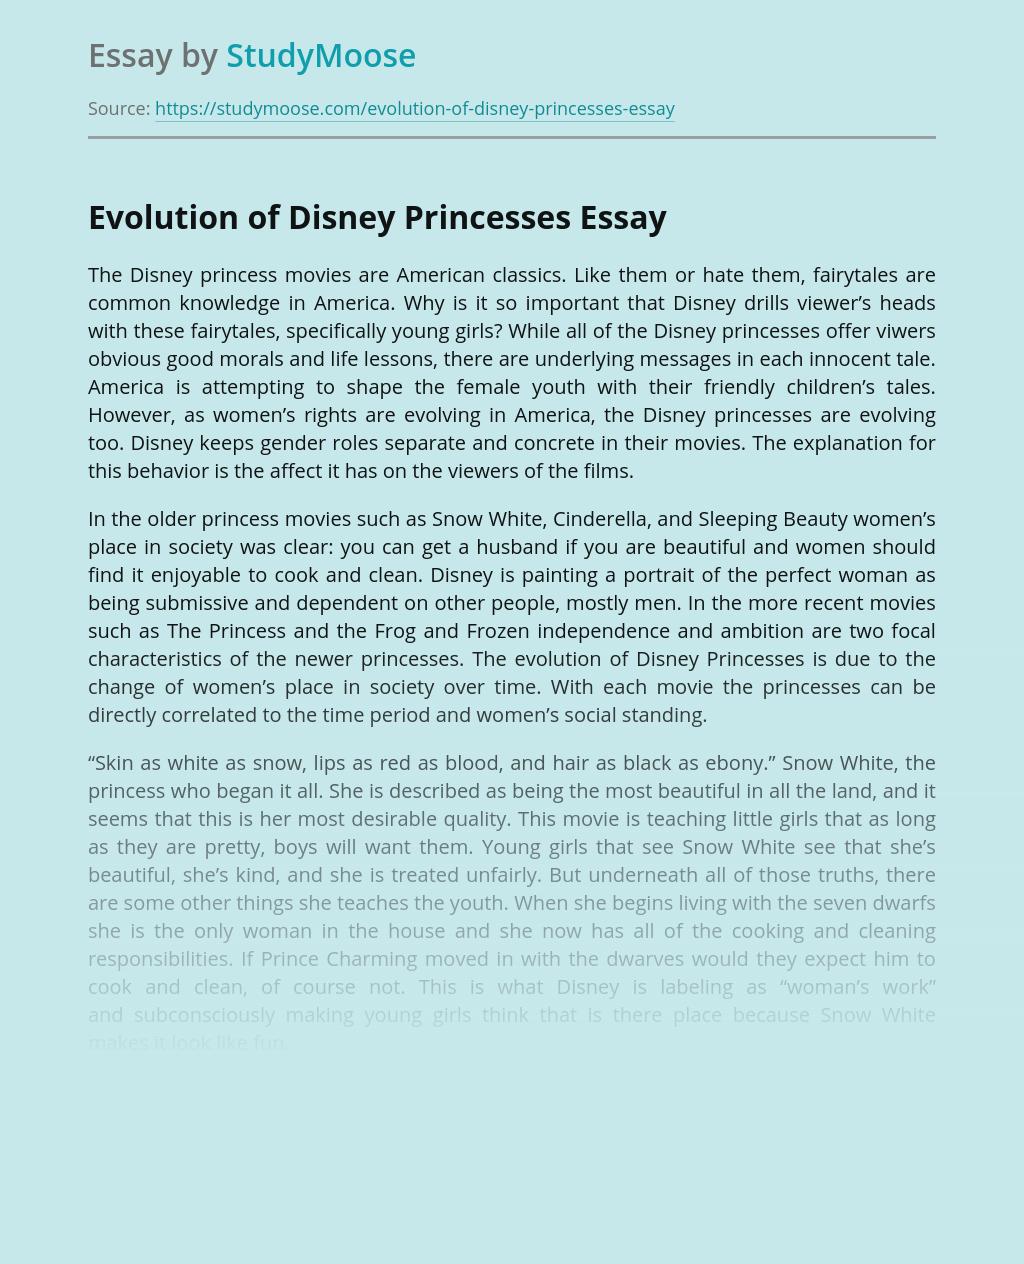 Evolution of Disney Princesses